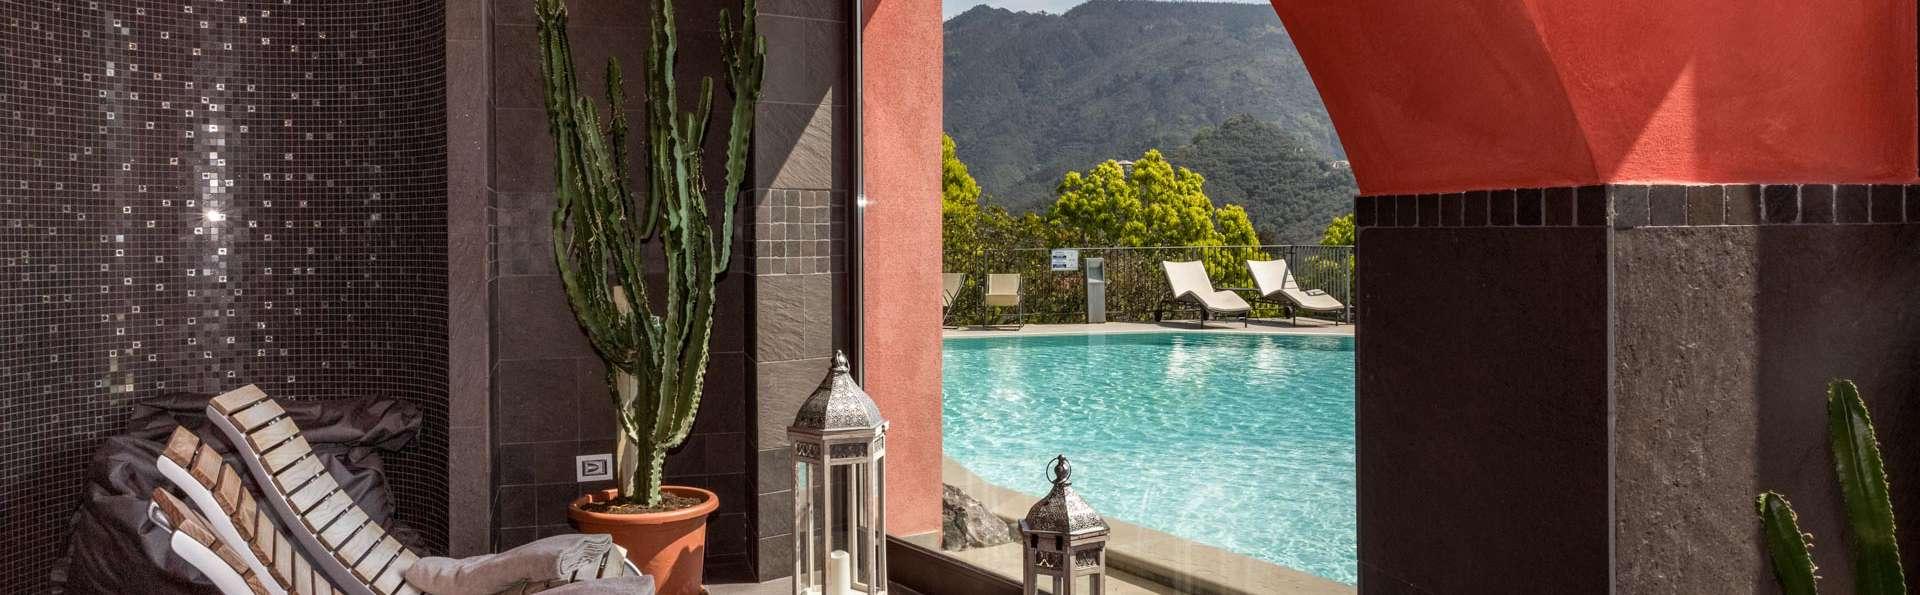 Soggiorno alle Cinque Terre con Spa... e regaliamo un voucher da spendere in hotel!